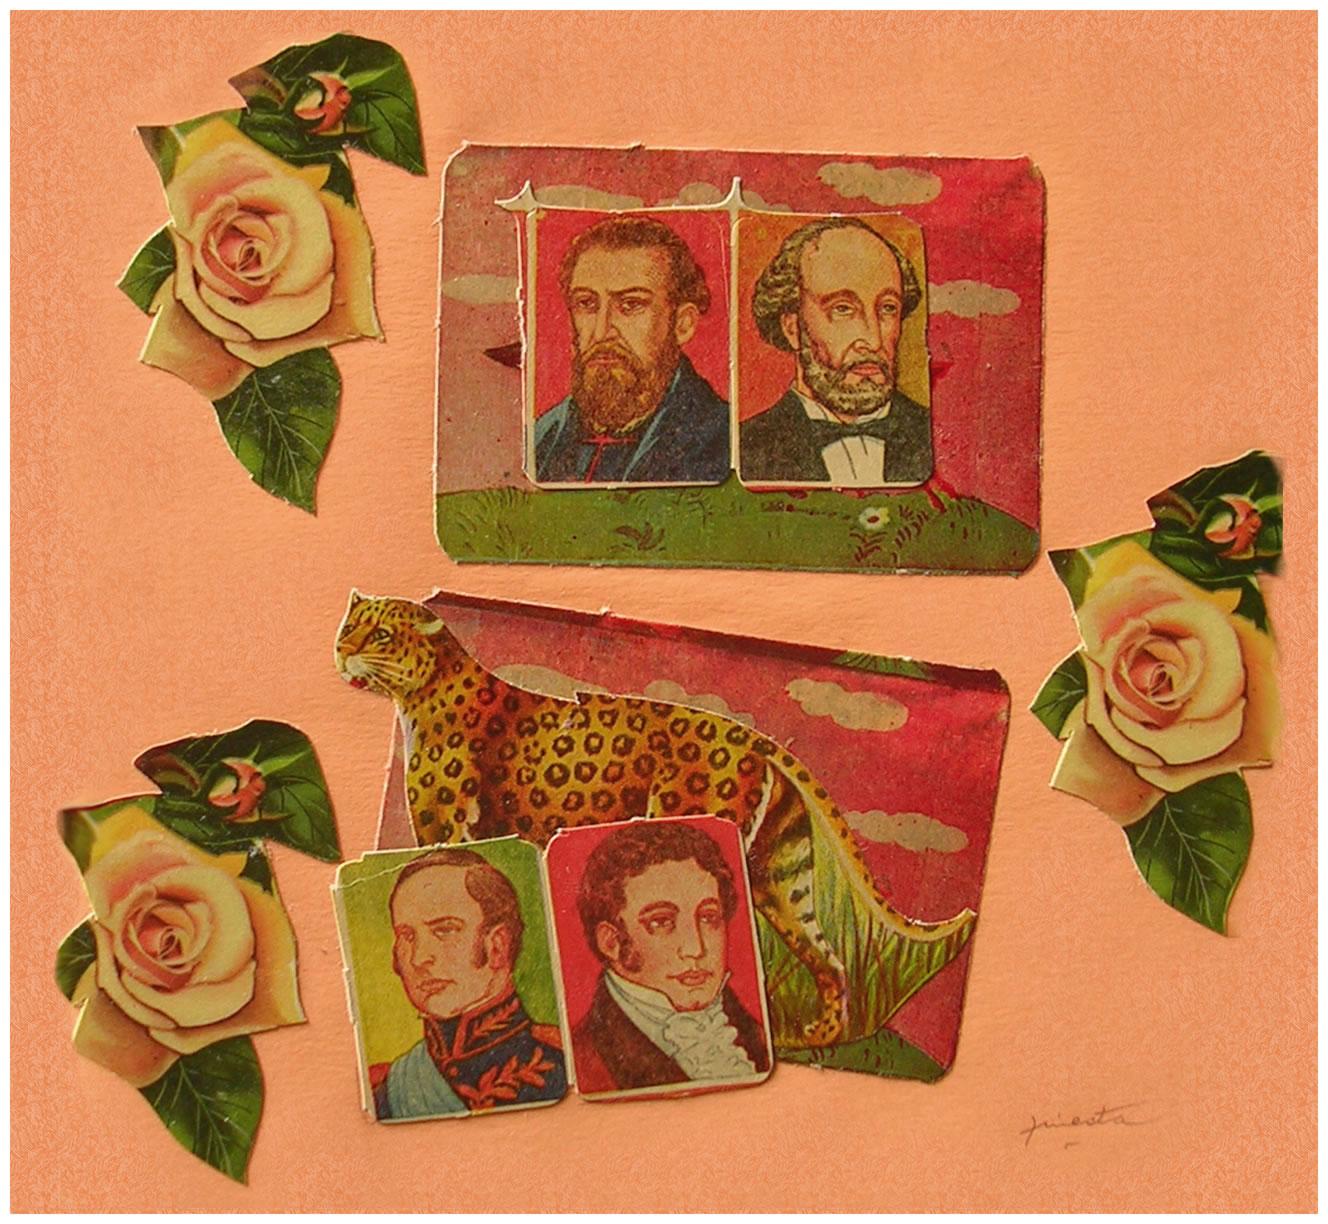 Próceres,  papel collage, 15 cm x 15 cm, 1999